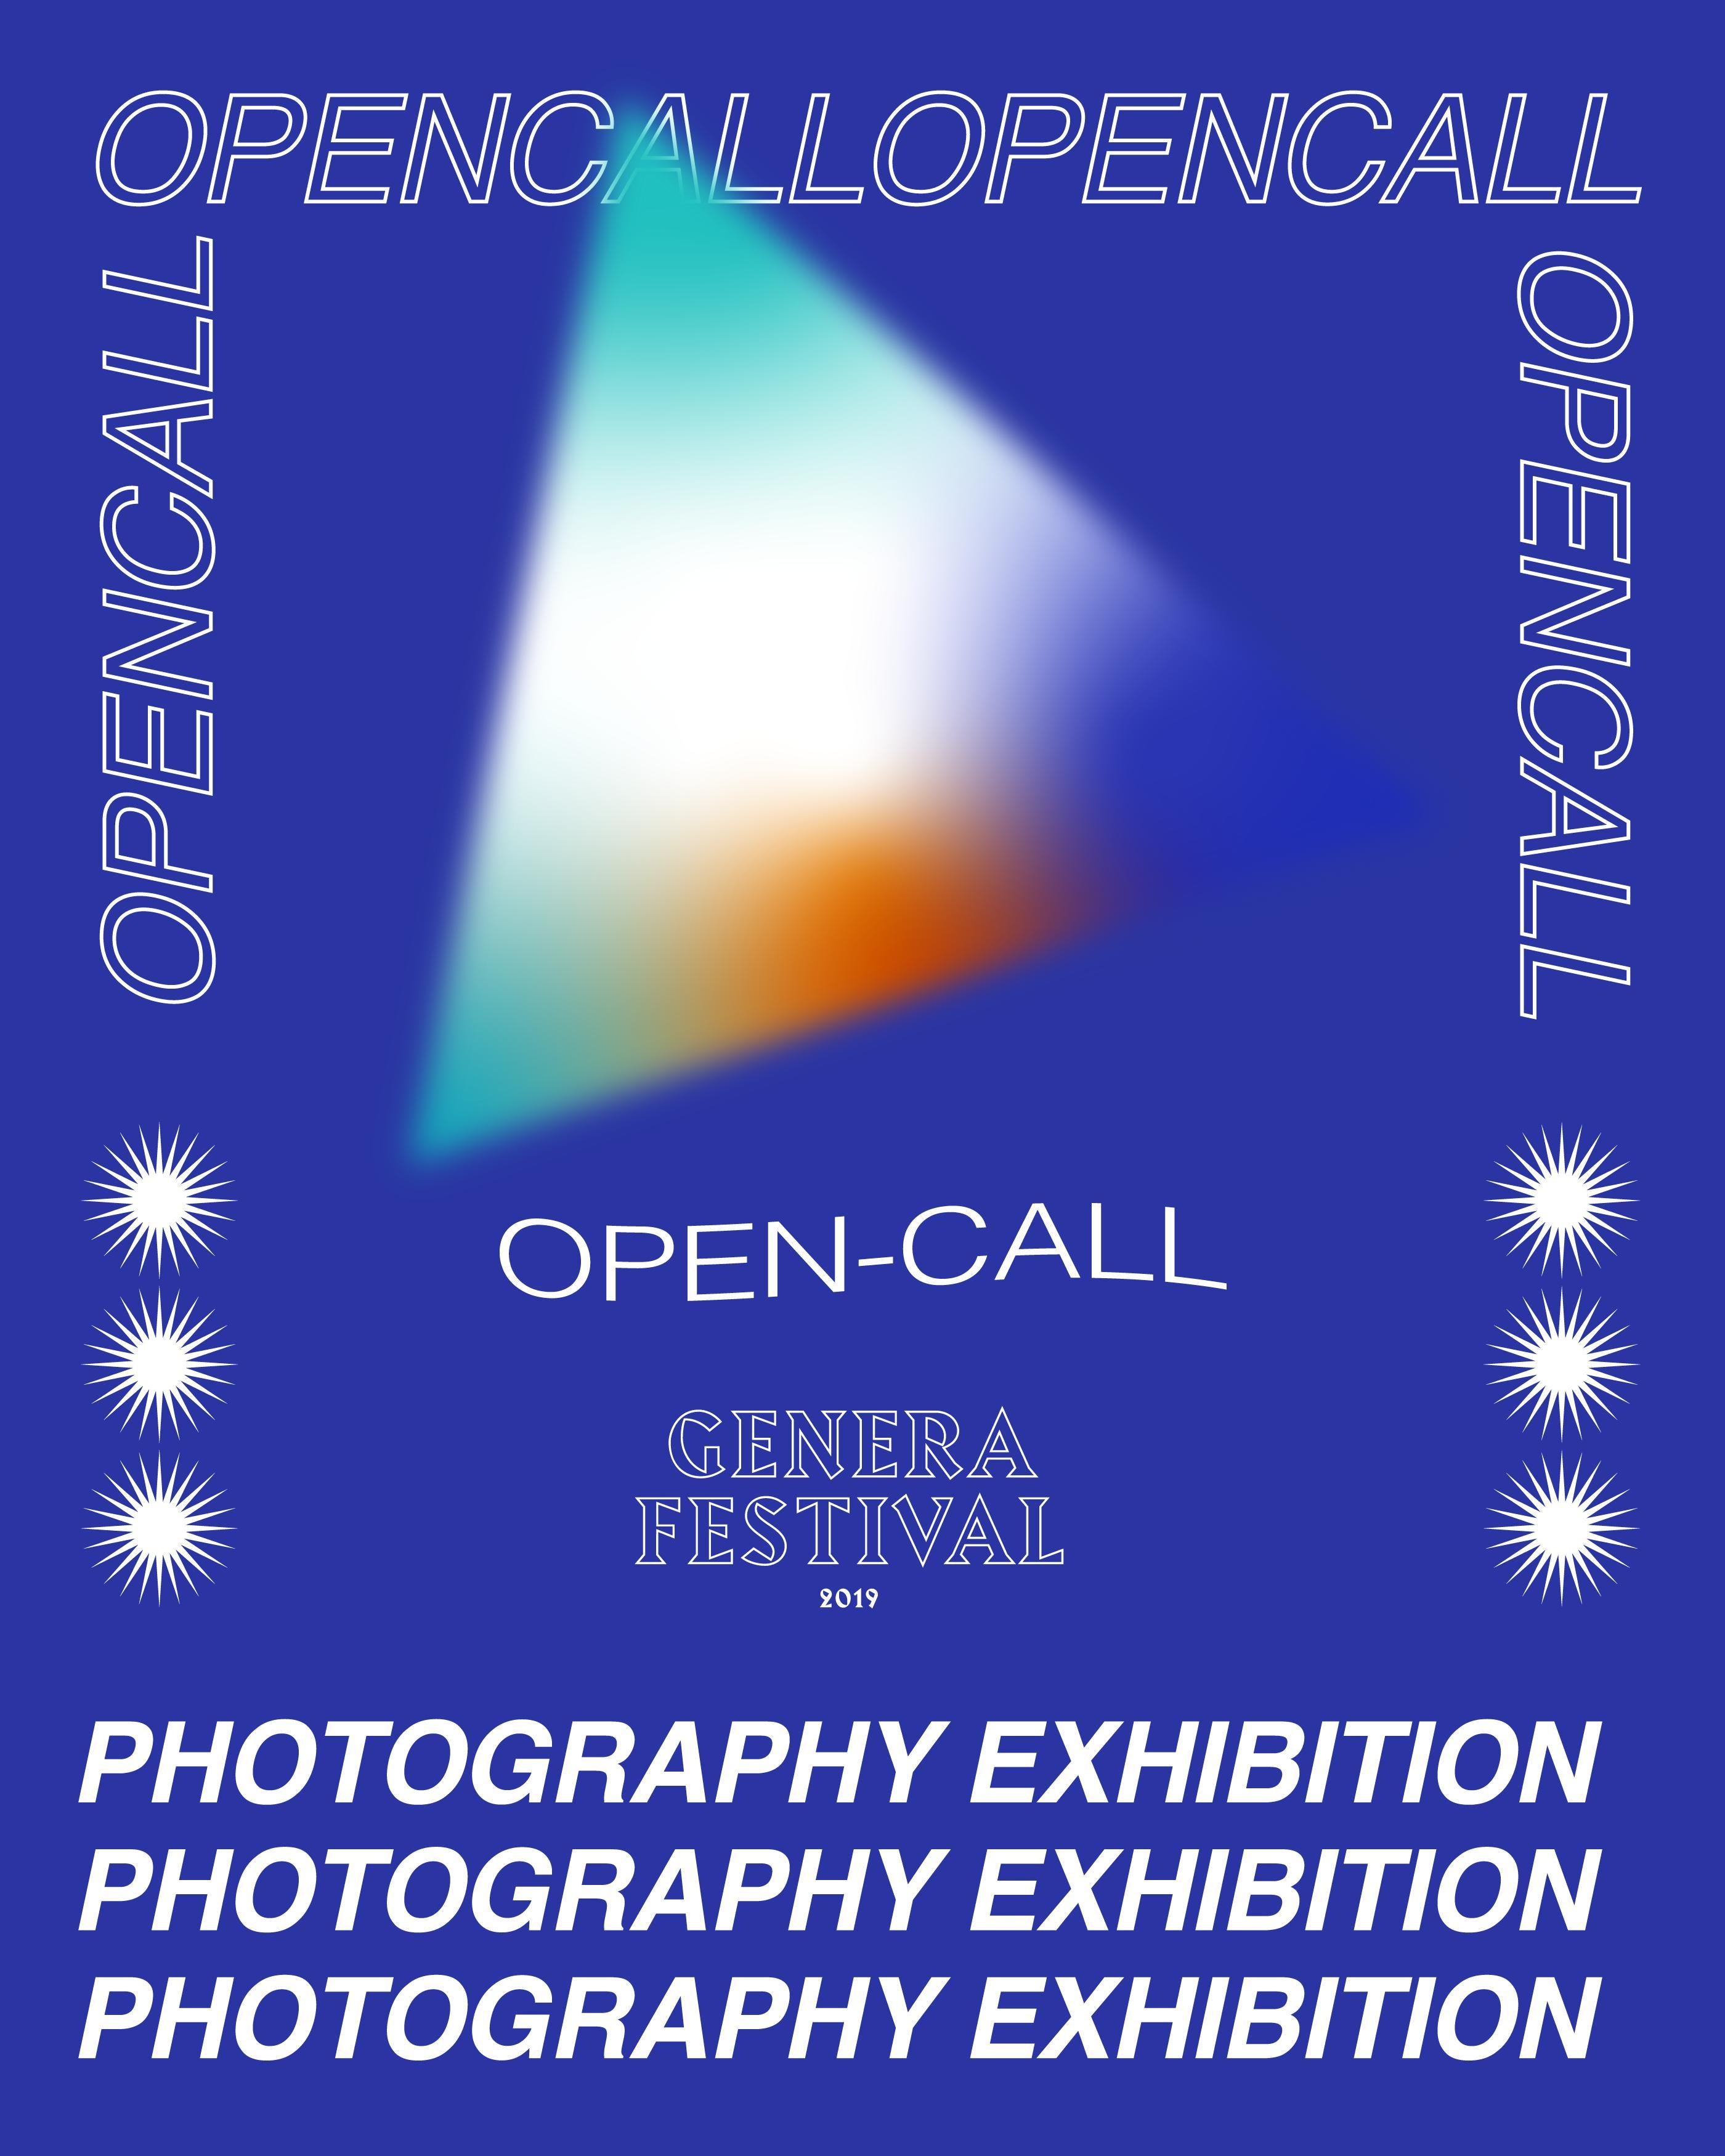 Genera Festival 2019/Attivata GeneraHumana, un'open call indirizzata ai fotografi